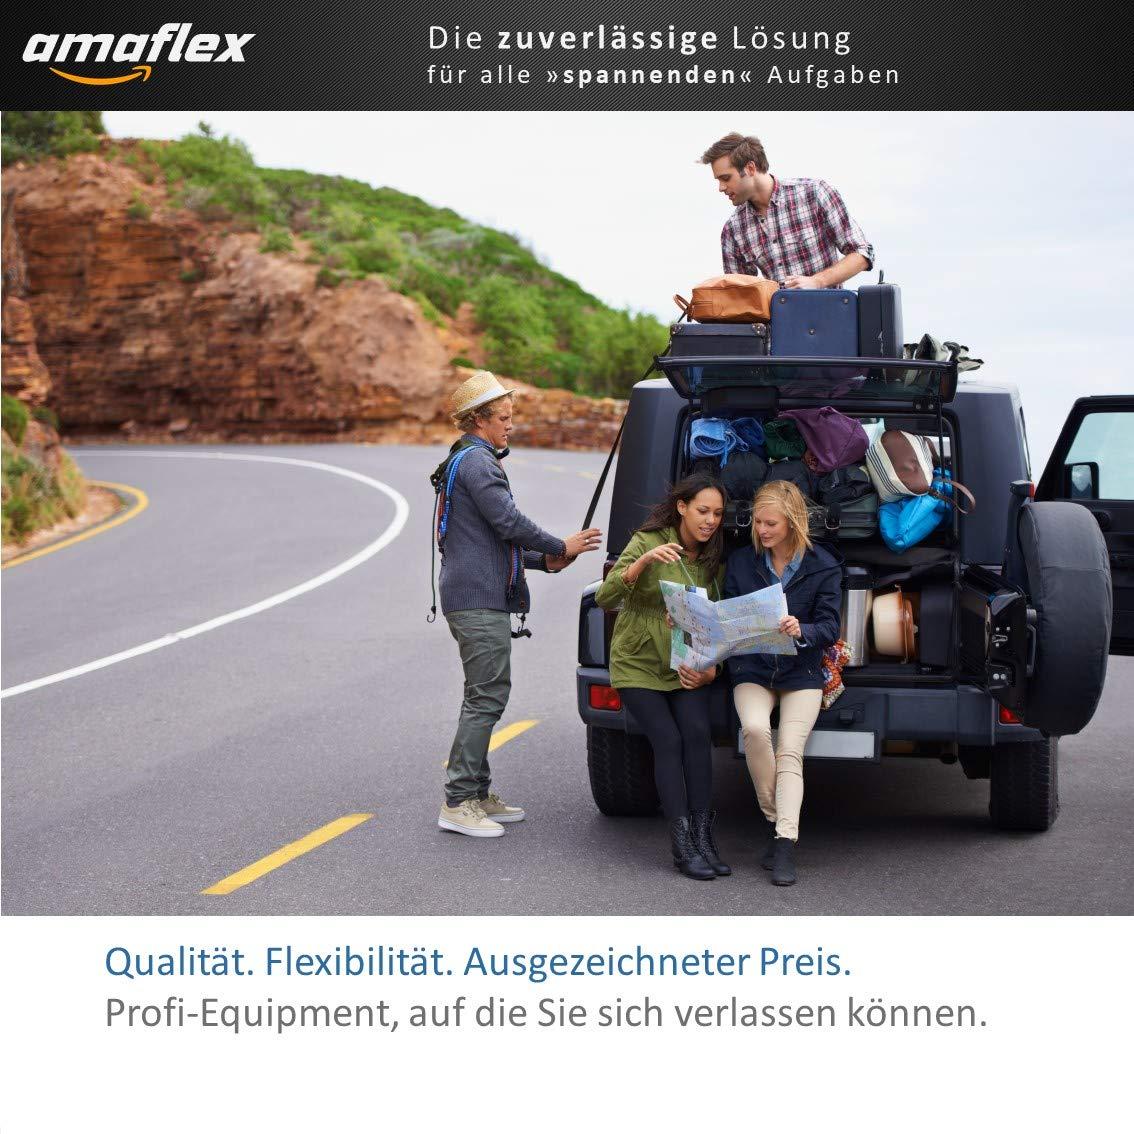 amaflex Set da 12 tenditori per bagagli Expander elastico extra forte Elastici per Bagagli elastici extra forti con ganci, tenditore in gomma ad alta forza di serraggio